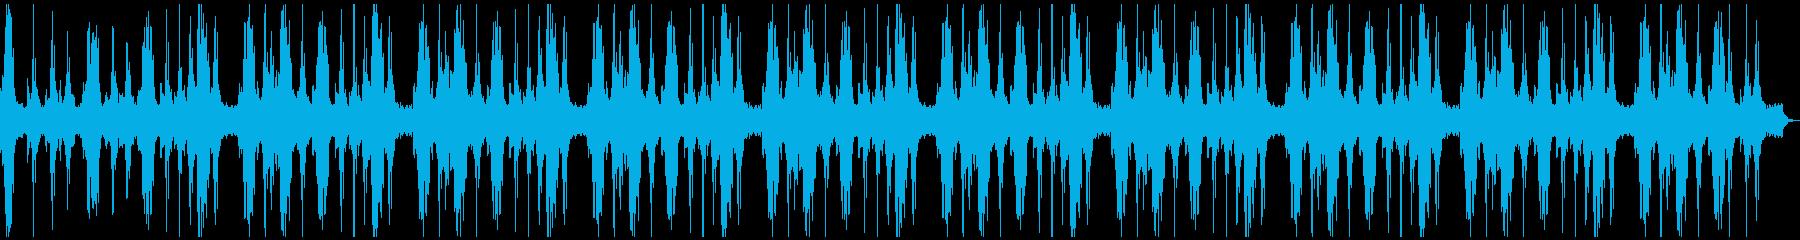 不気味、静けさ、不安、ホラー、10分の再生済みの波形